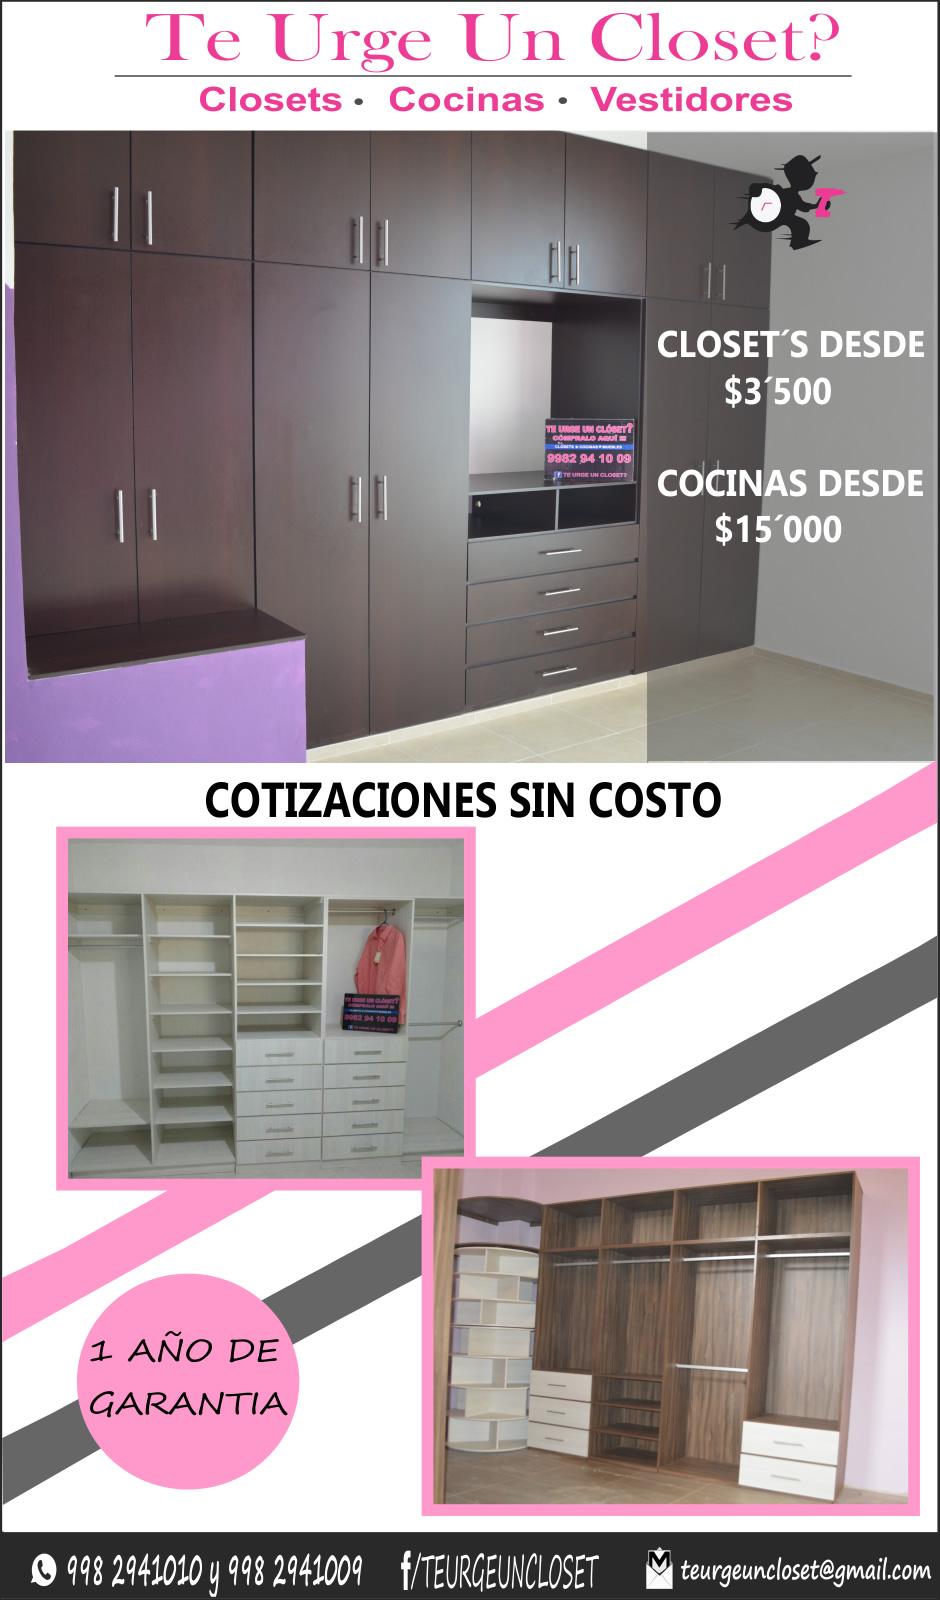 Closets y Cocinas